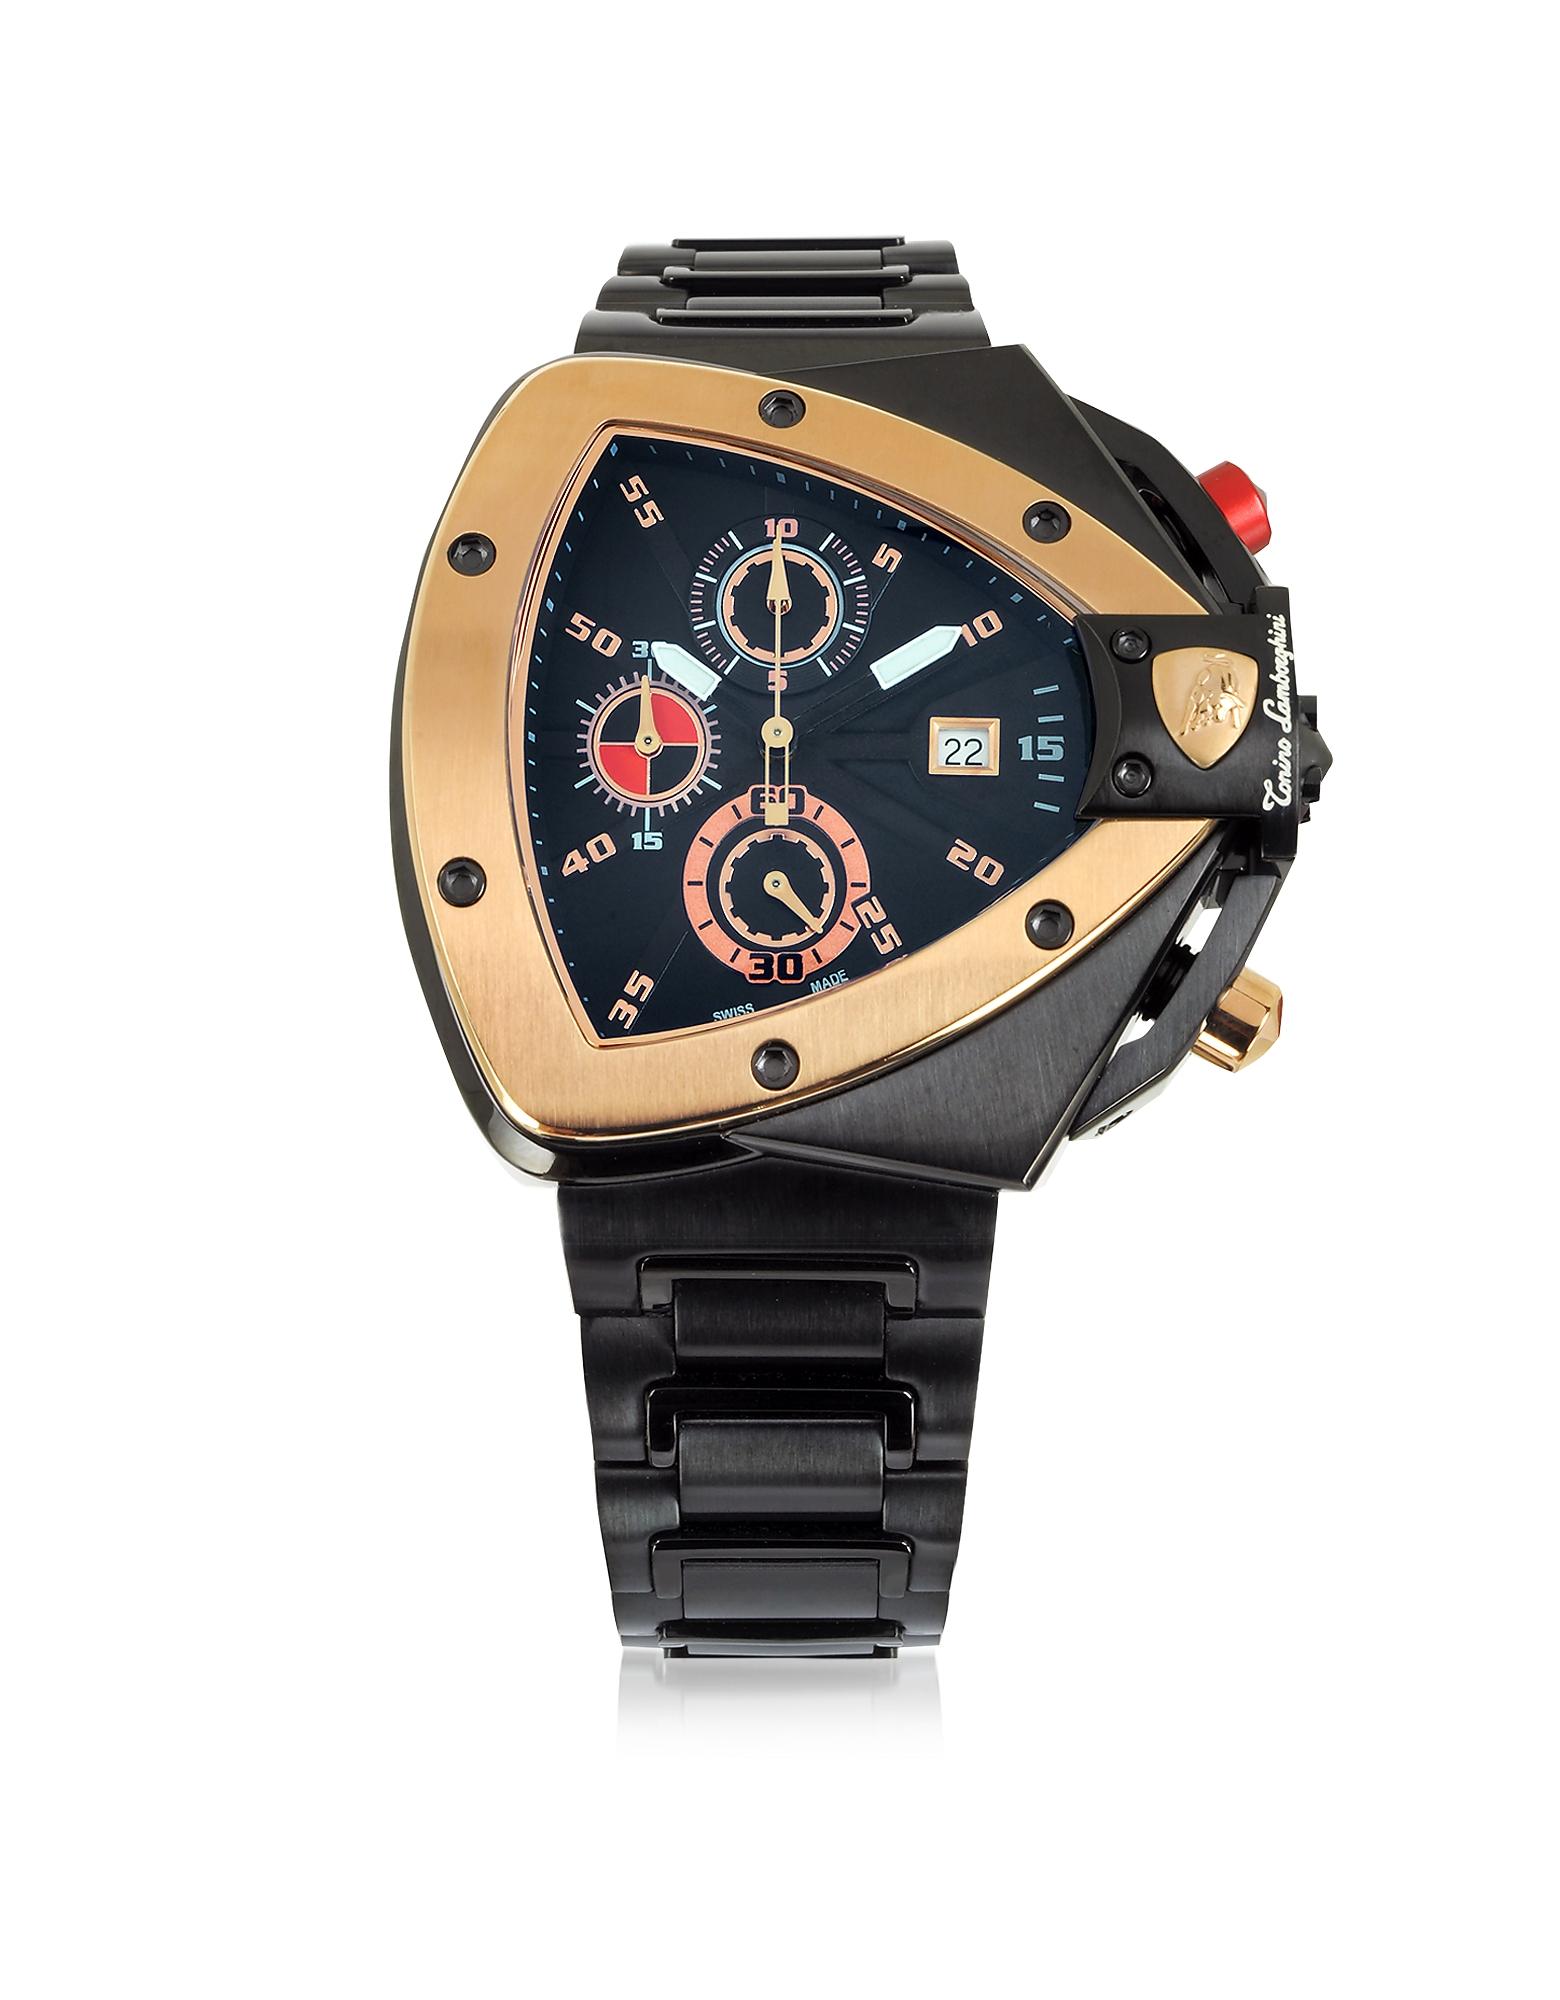 Tonino Lamborghini Spyder - Часы Хронограф из Черной и Розовой Нержавеющей Стали